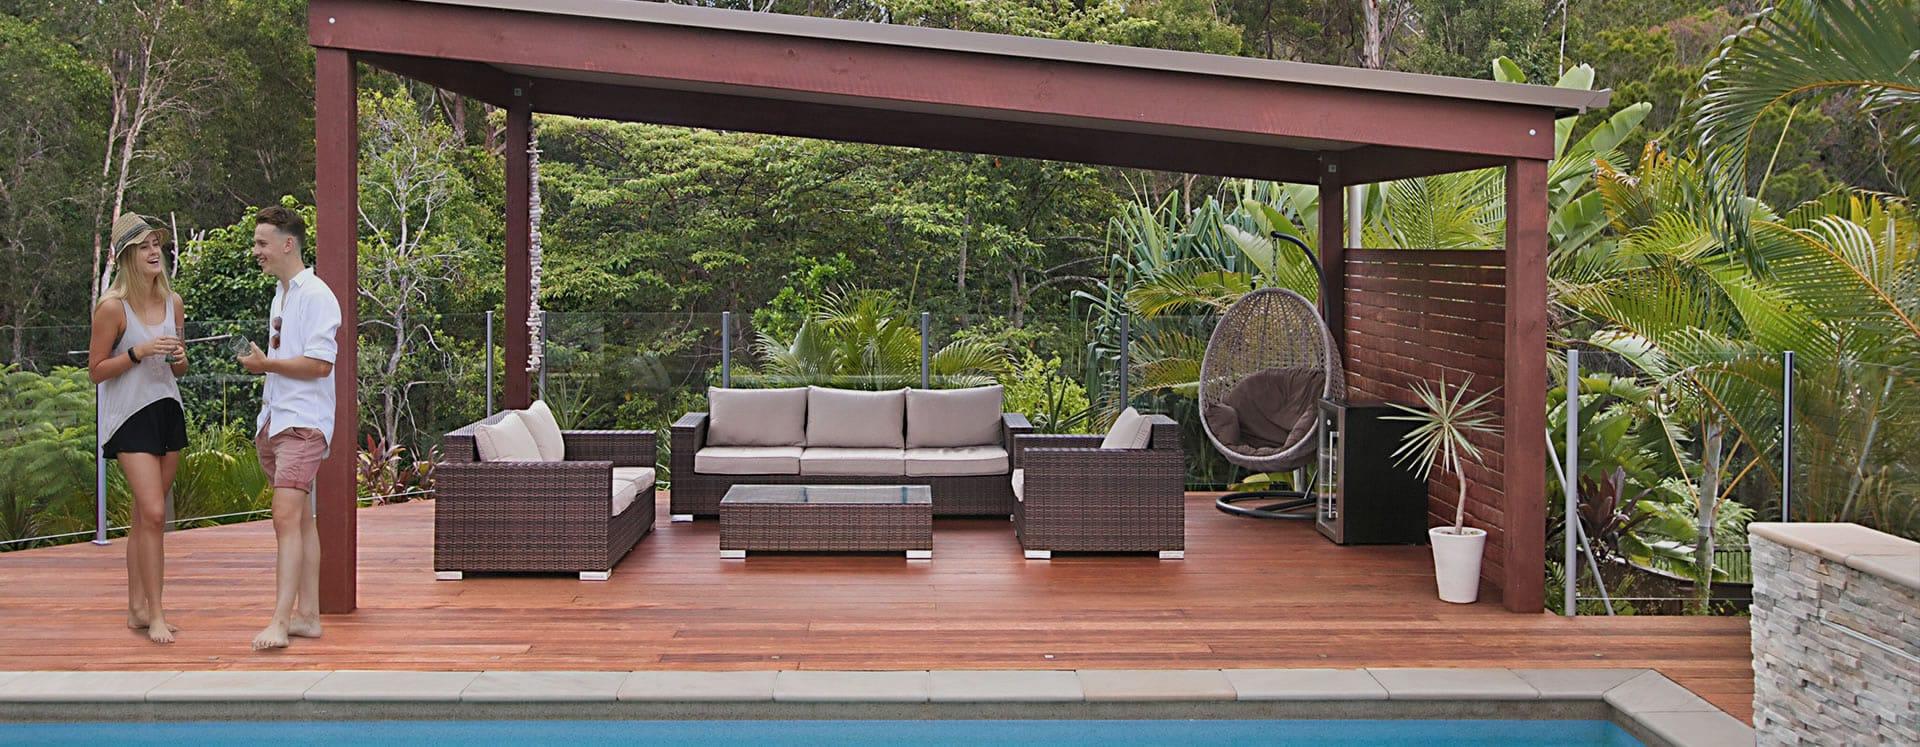 Designer Decks   Timber Decking, Deck Builders   Gold Coast, Brisbane,  Tweed Heads Part 36